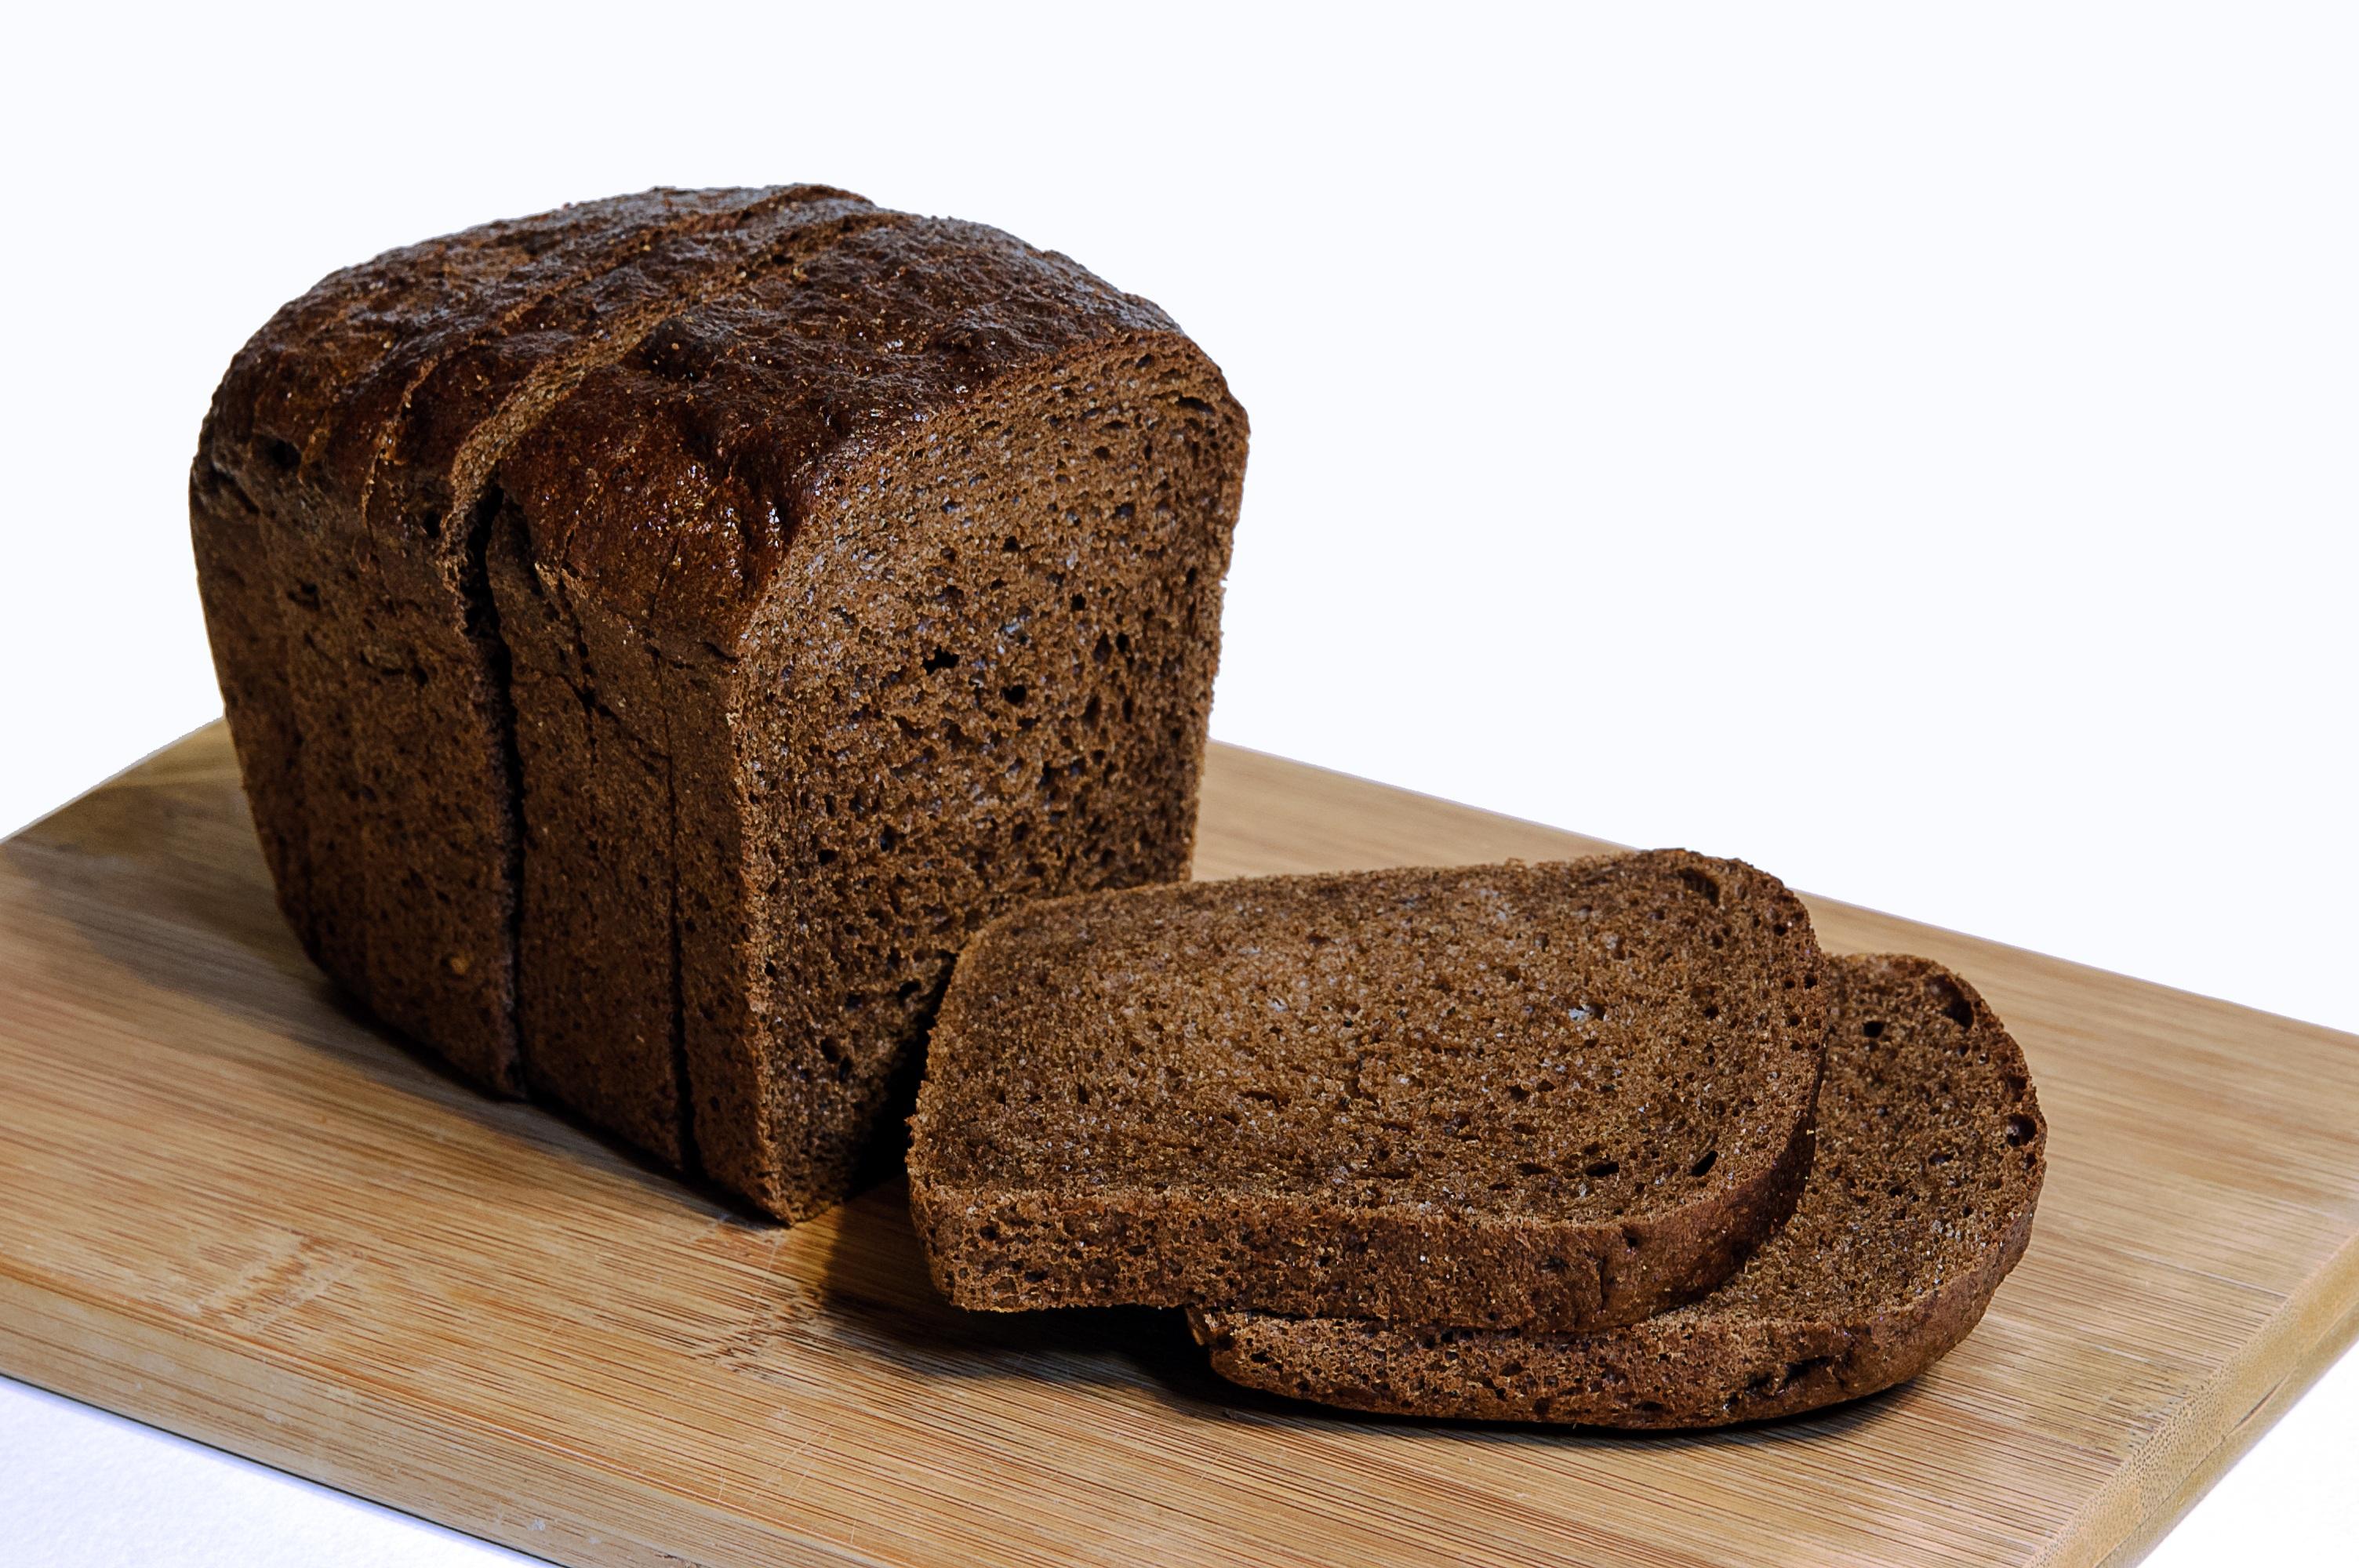 остаток средств ржаной хлеб галерея фото иволги бурый